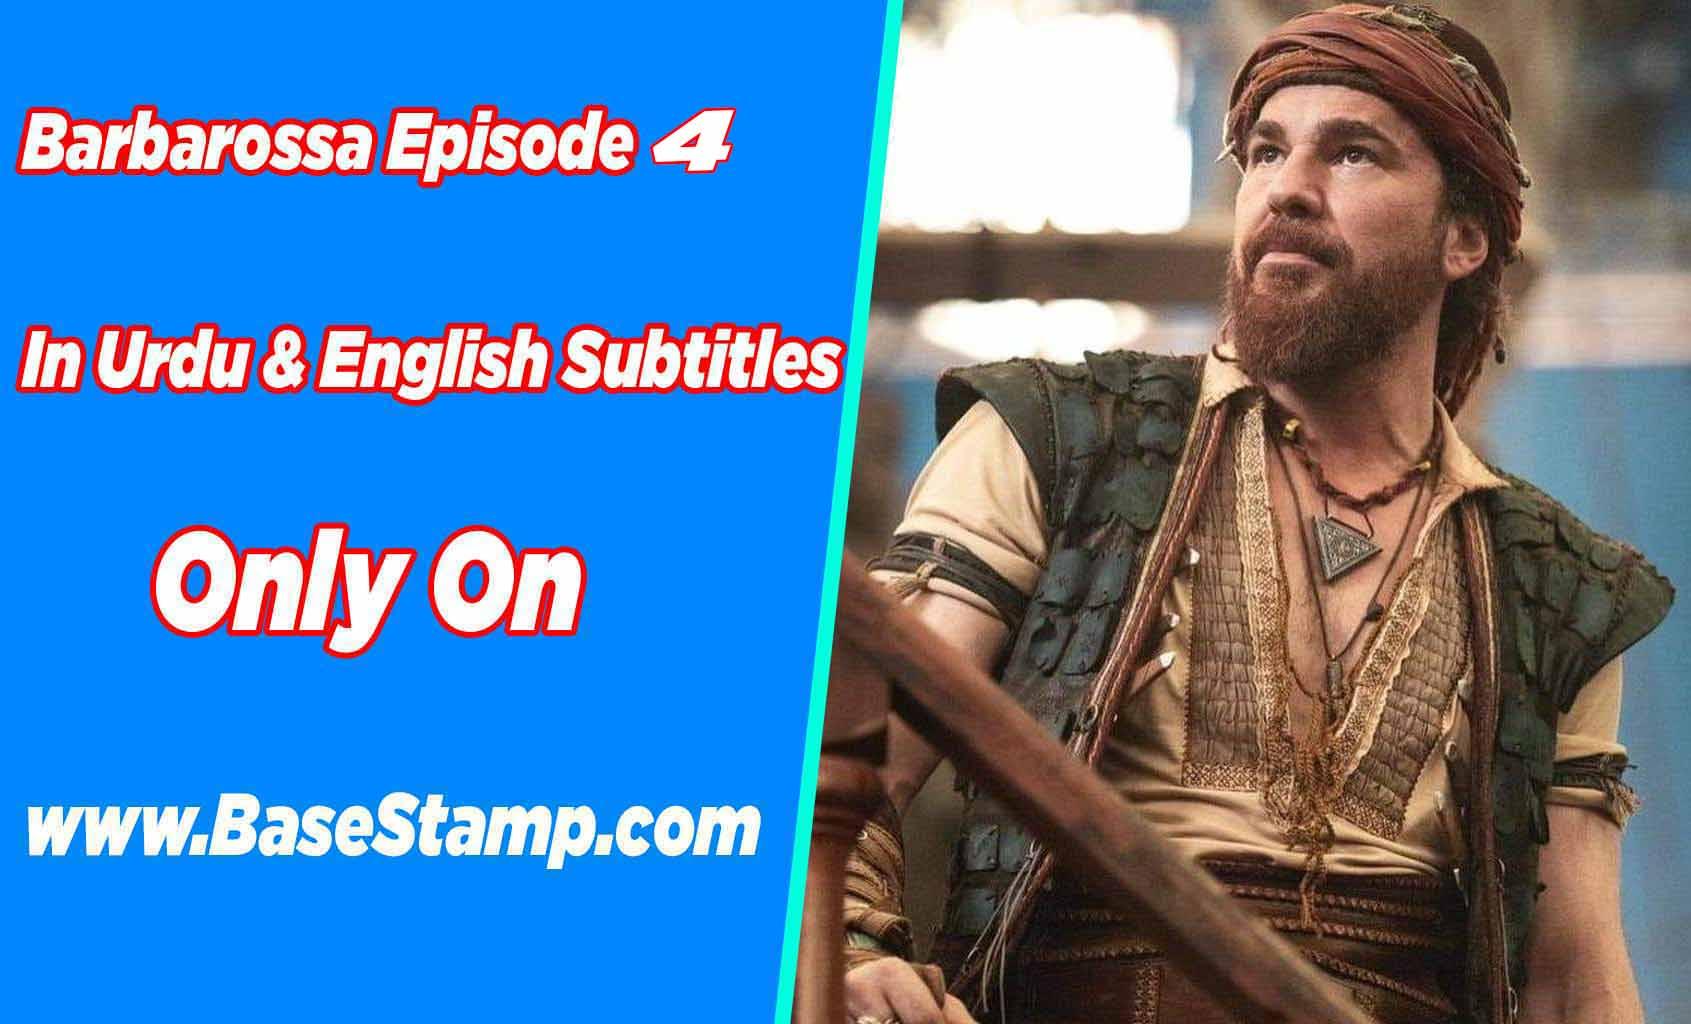 Barbarossa Episode 4 In Urdu & English Subtitles